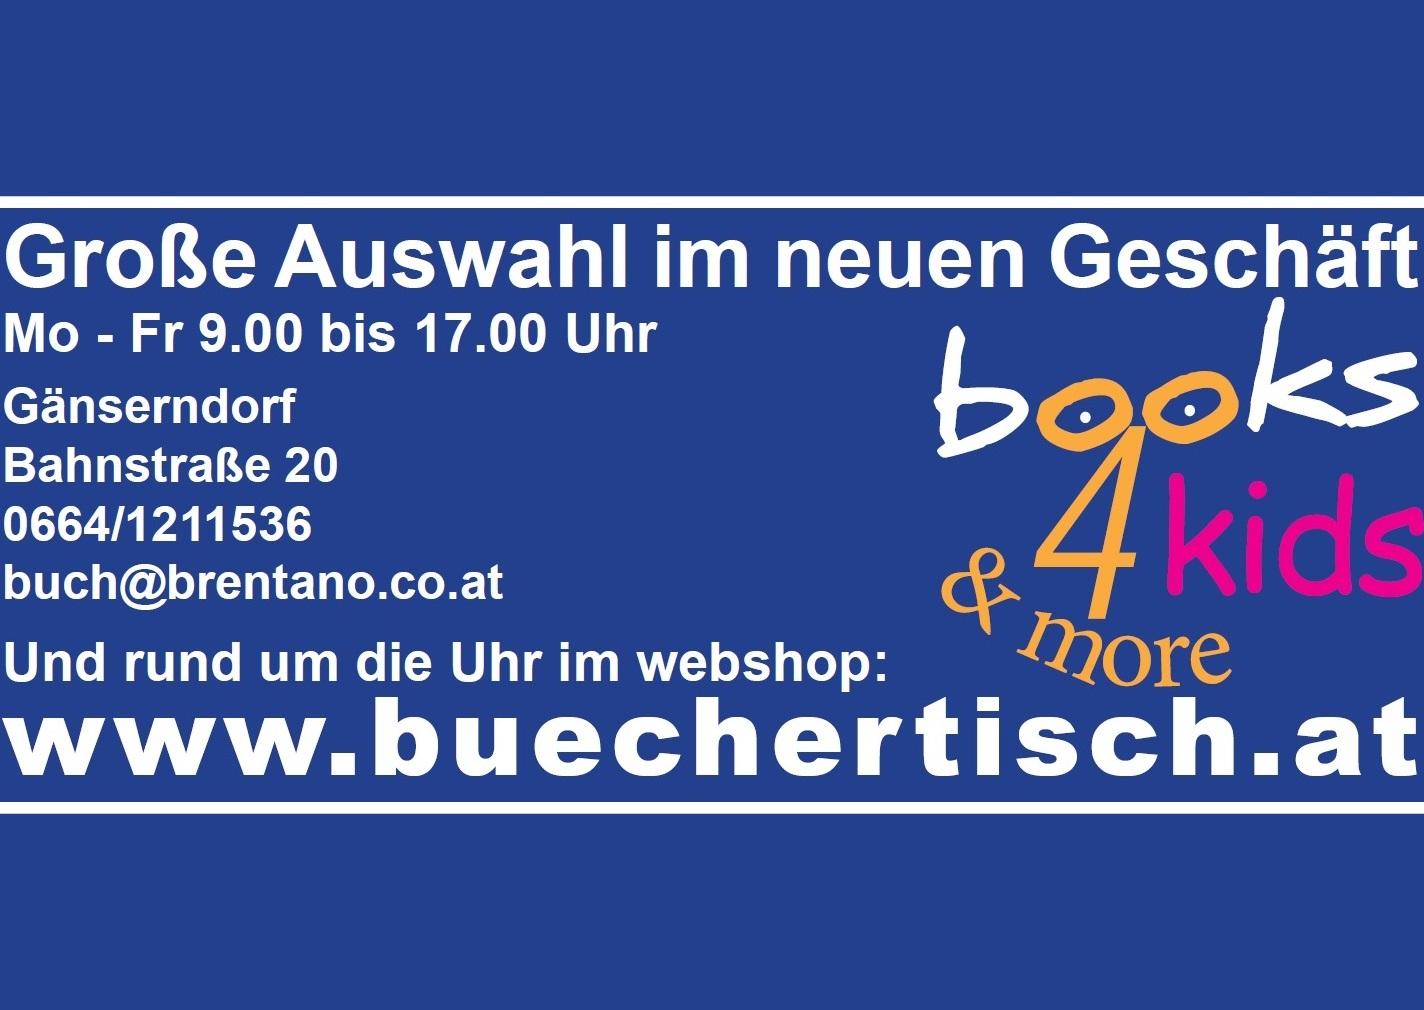 oben_books4kids_Taferlklassler_96x40_mm_3.jpg